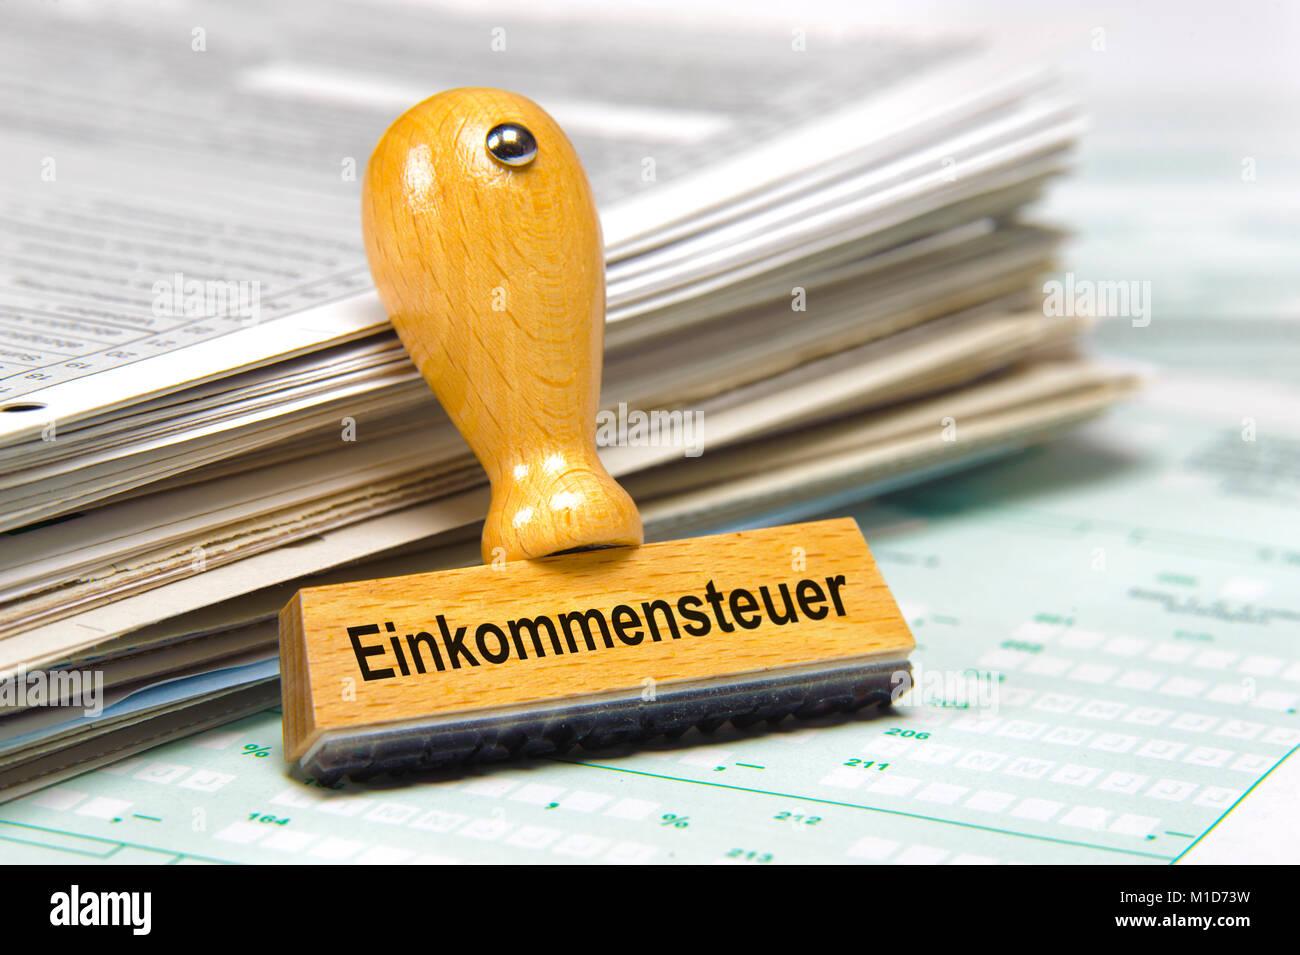 Einkommensteuer markiert auf Holzstempel vor Stapel Steuerformulare Stock Photo